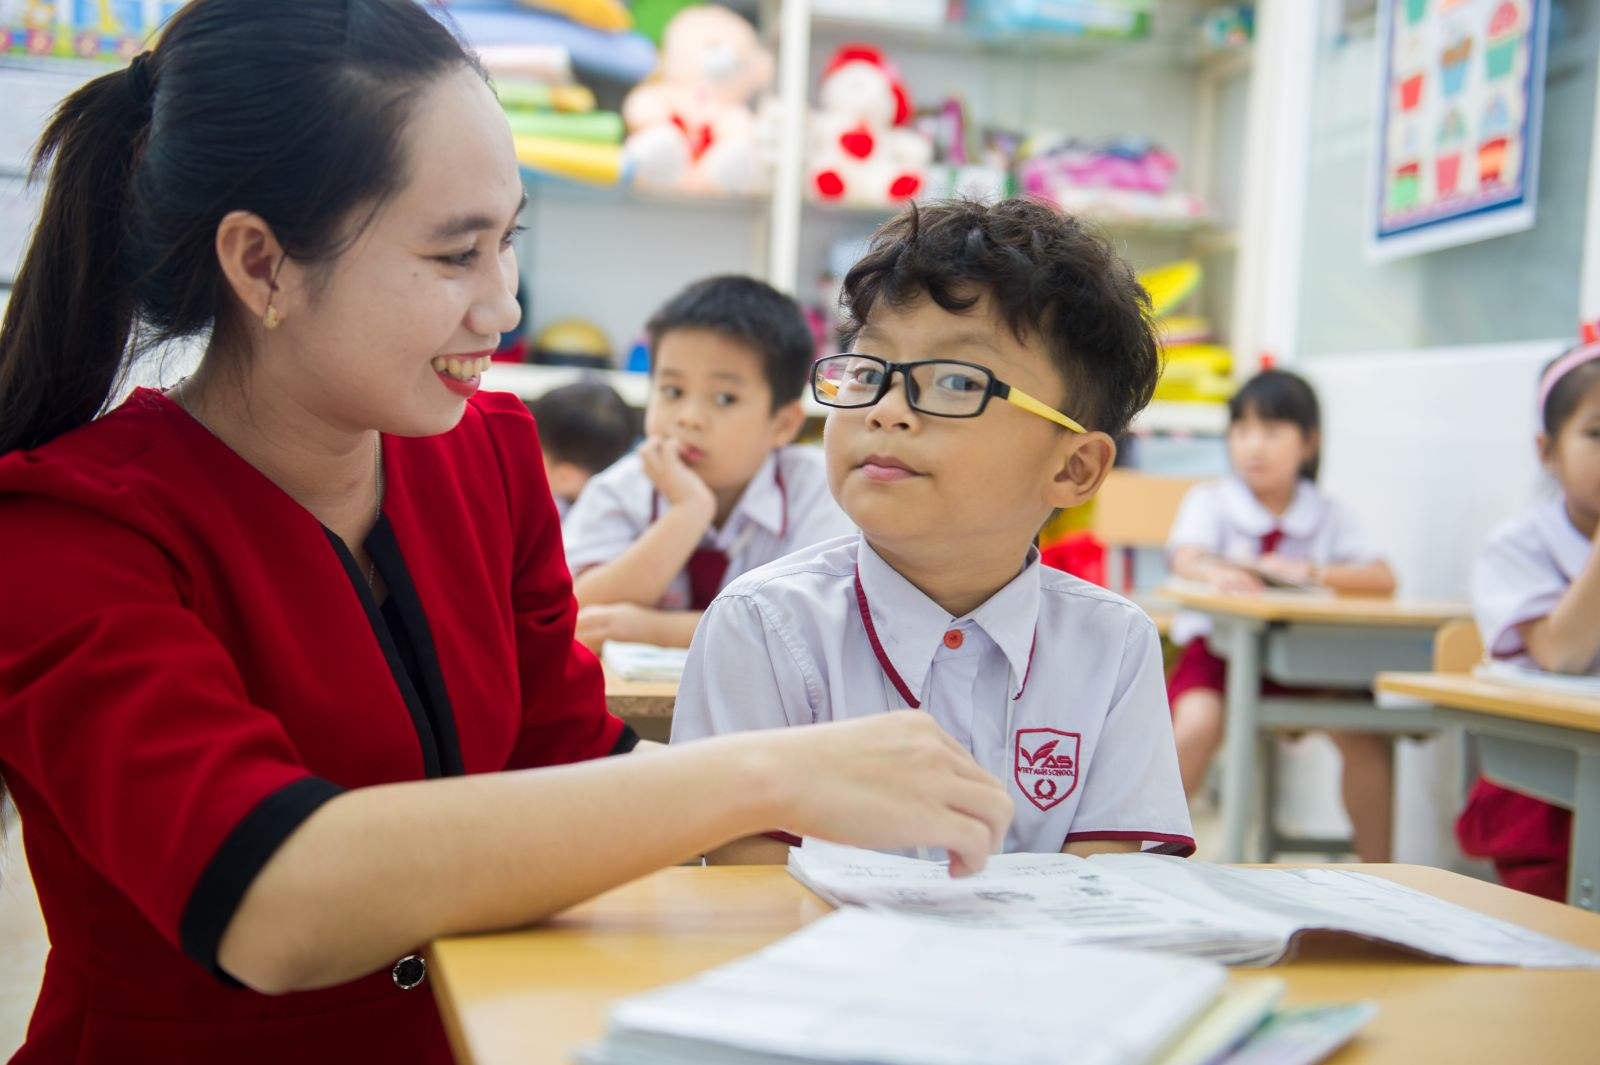 Lá thư xúc động của cô giáo gửi học sinh khiến nhiều phụ huynh đọc mà muốn khóc